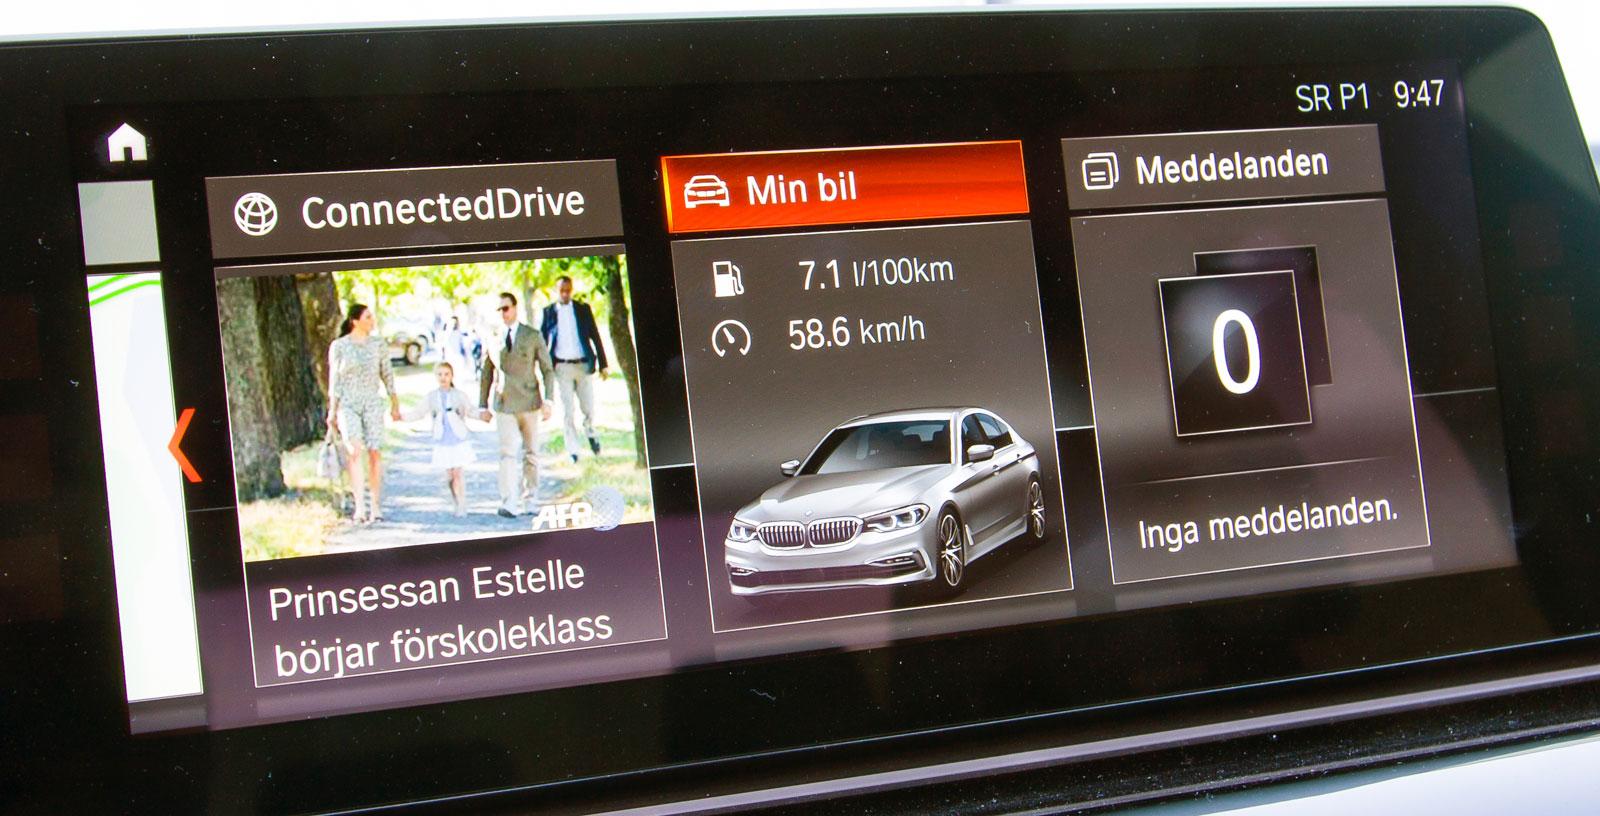 BMW kan manövreras på fyra sätt: röst, gester, pek och med iDrive-vredet. Mycket tydlig grafik med informativ vägledning vidare från den funktion man befinner sig i.